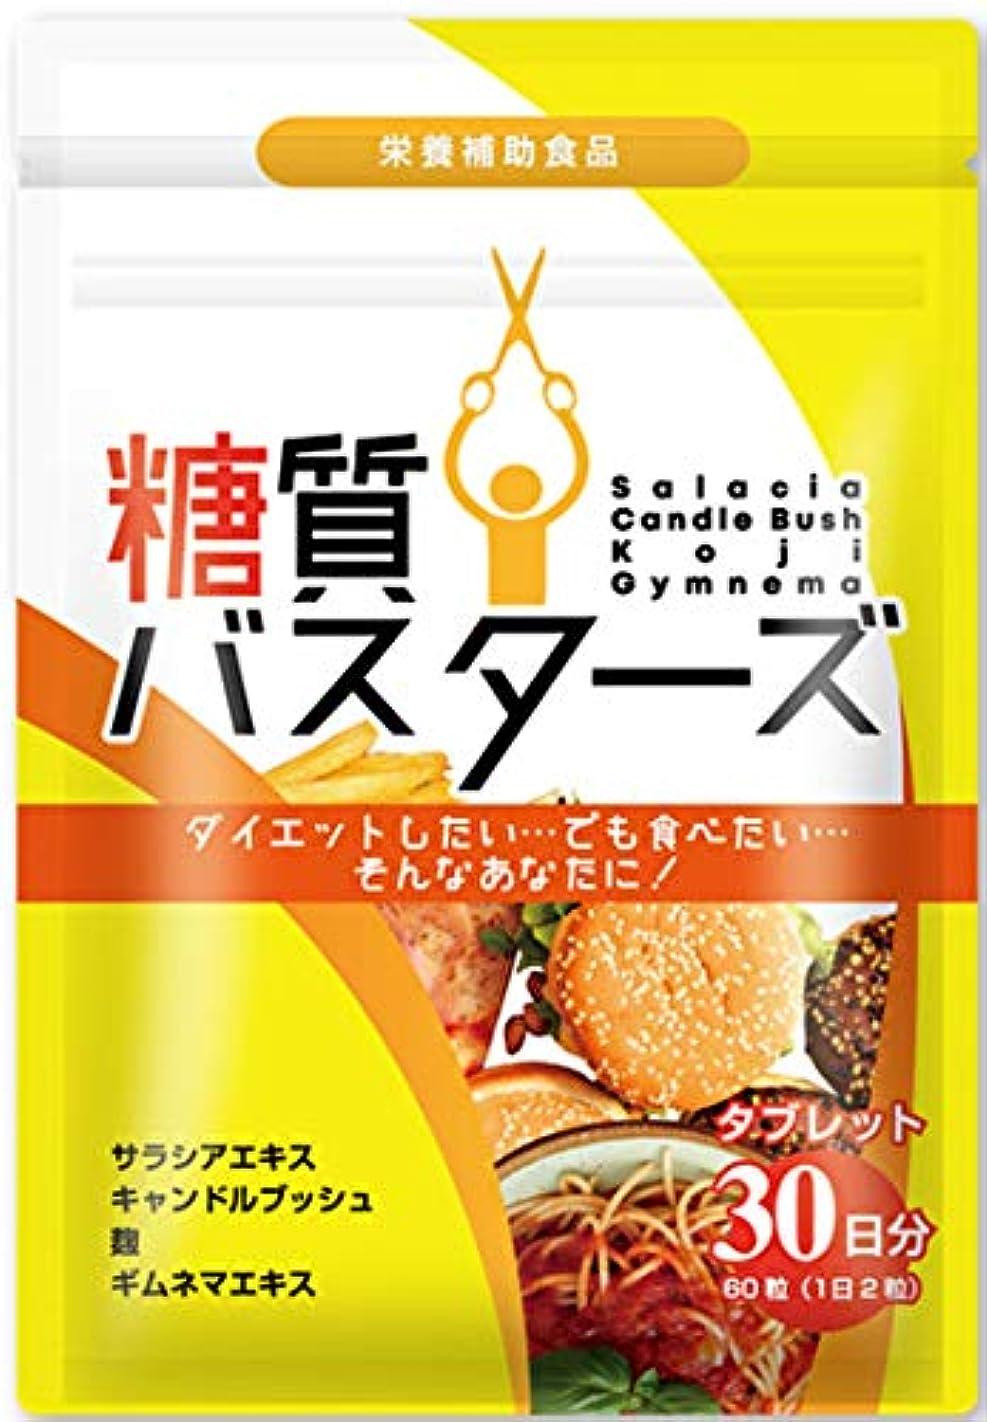 検査官自動車反抗糖質バスターズ (30日分)ダイエットサプリ 糖質オフ 糖質カット 糖質制限 脂肪燃焼 ダイエット サラシア サプリ 糖質ダイエット